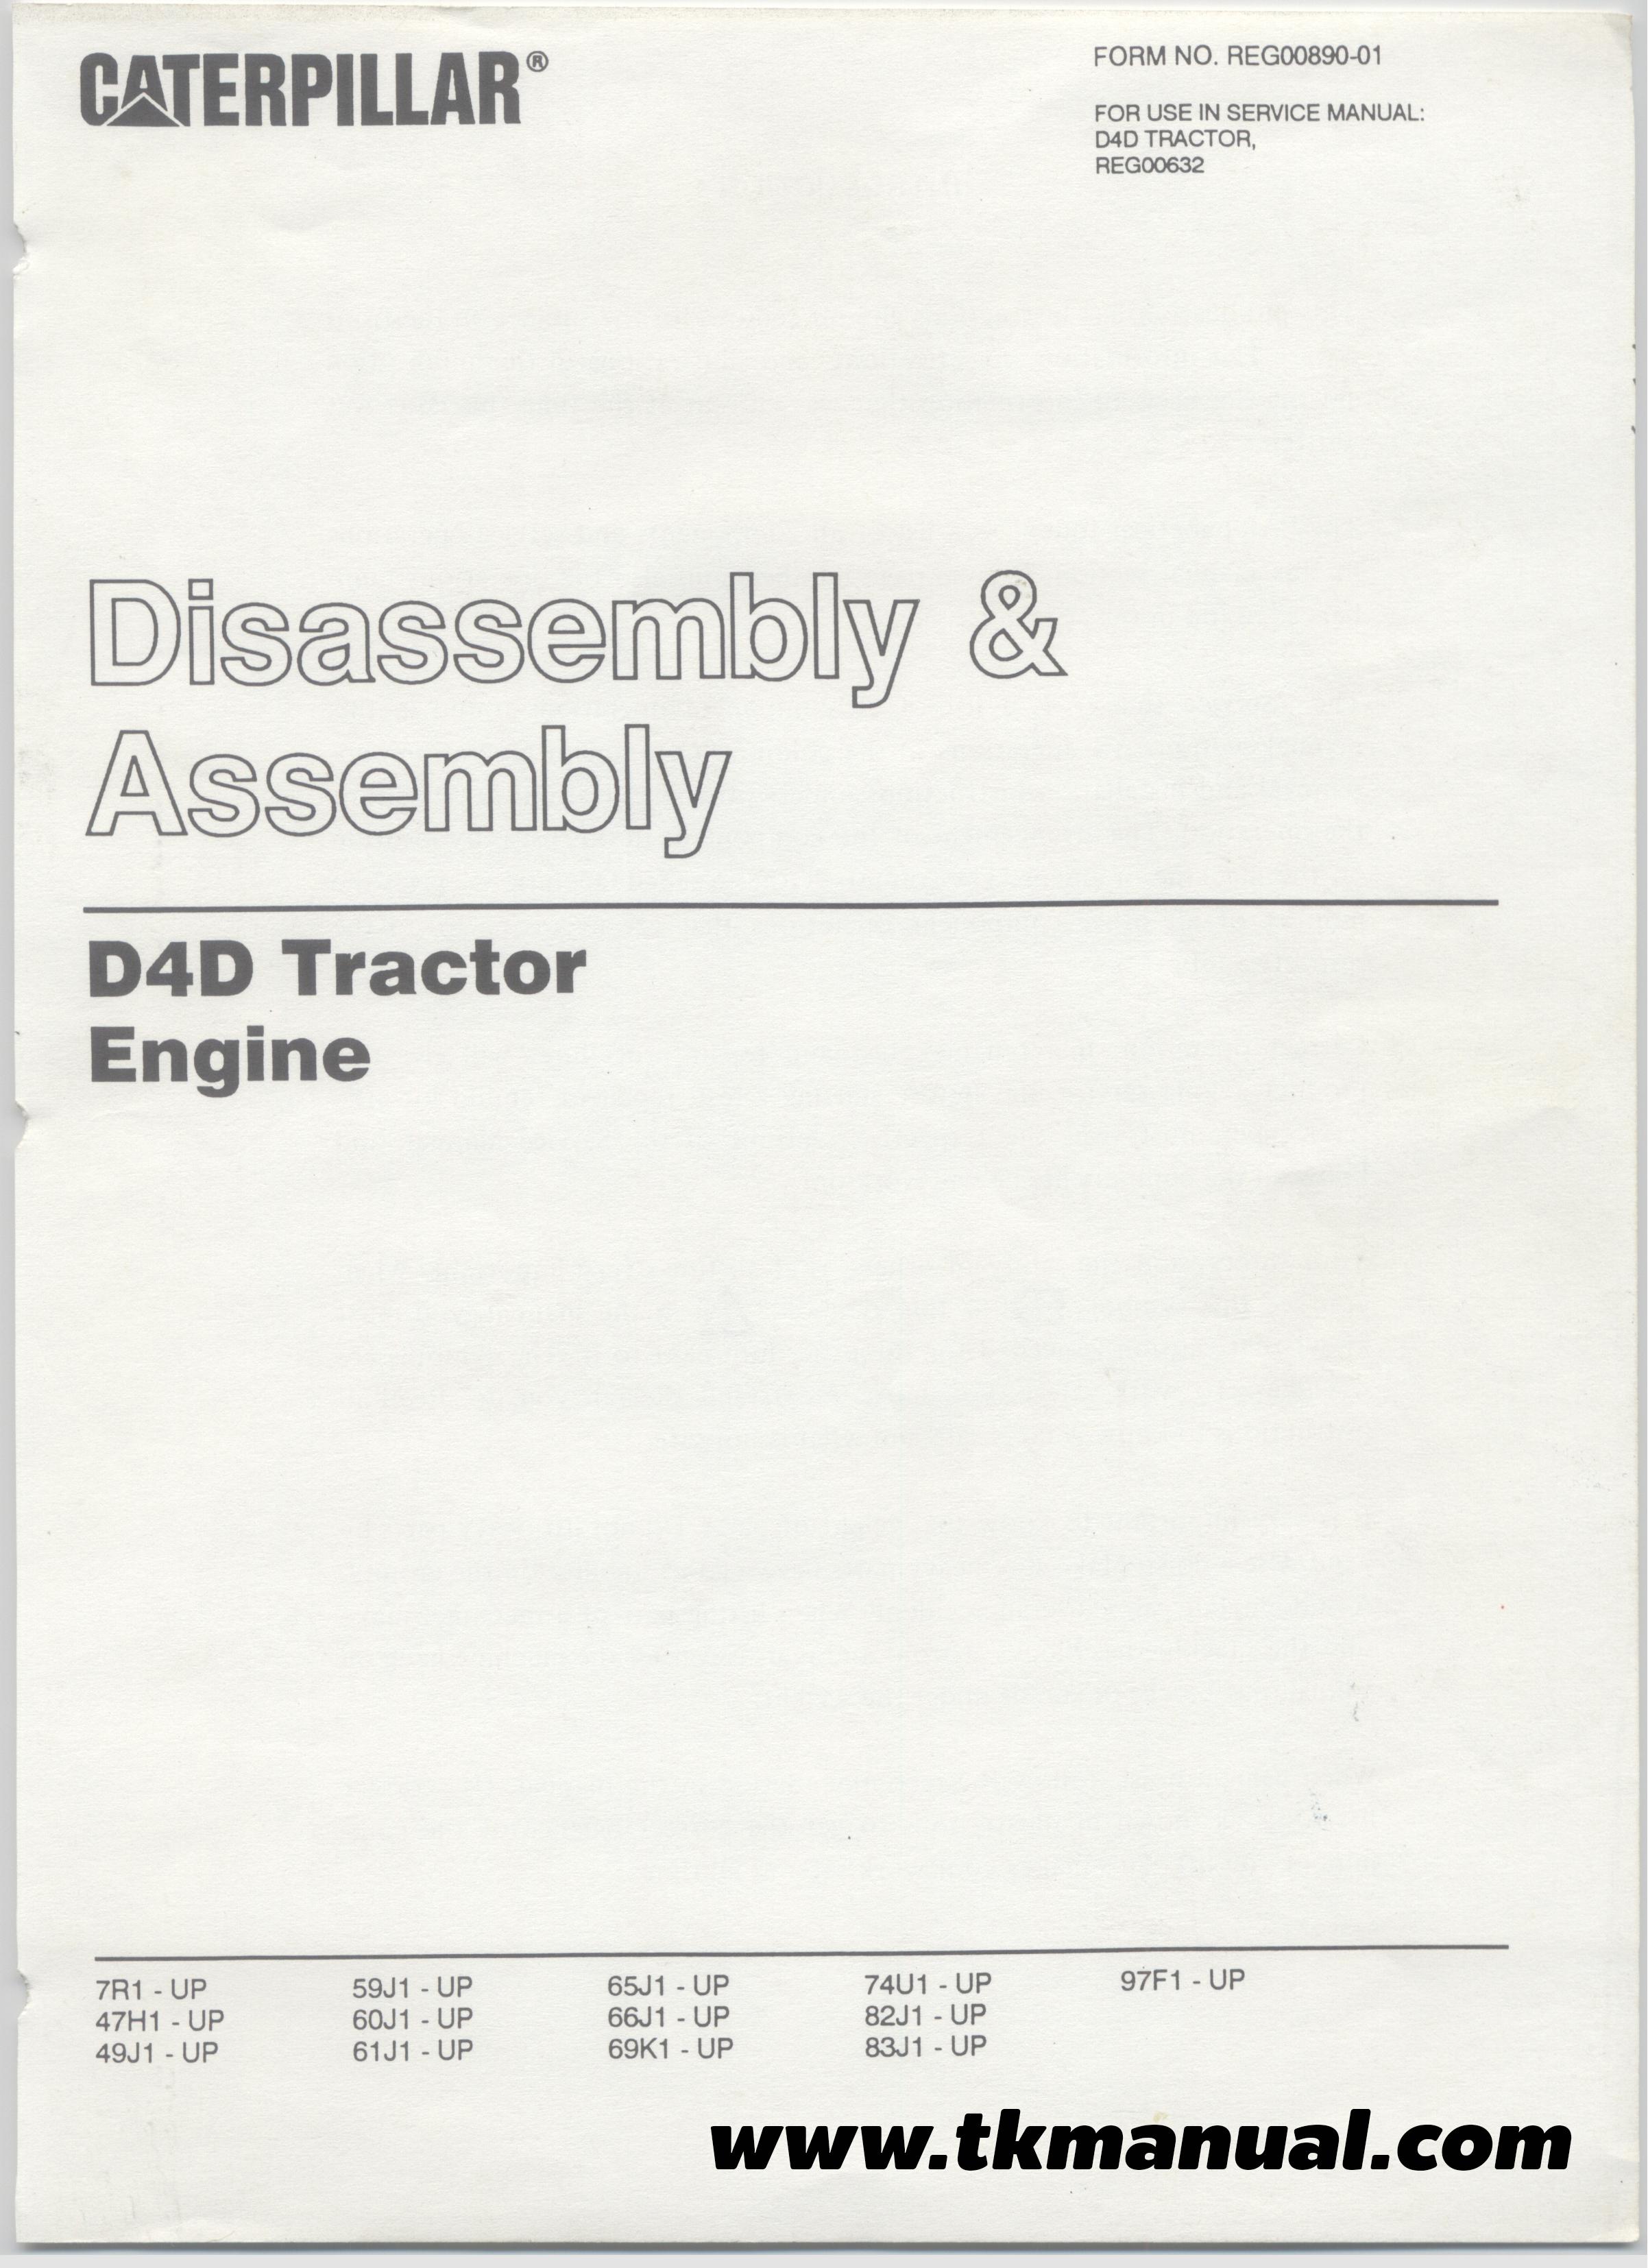 คู่มือซ่อมเครื่องยนต์ CATERPILLAR D4 D4D Tractor